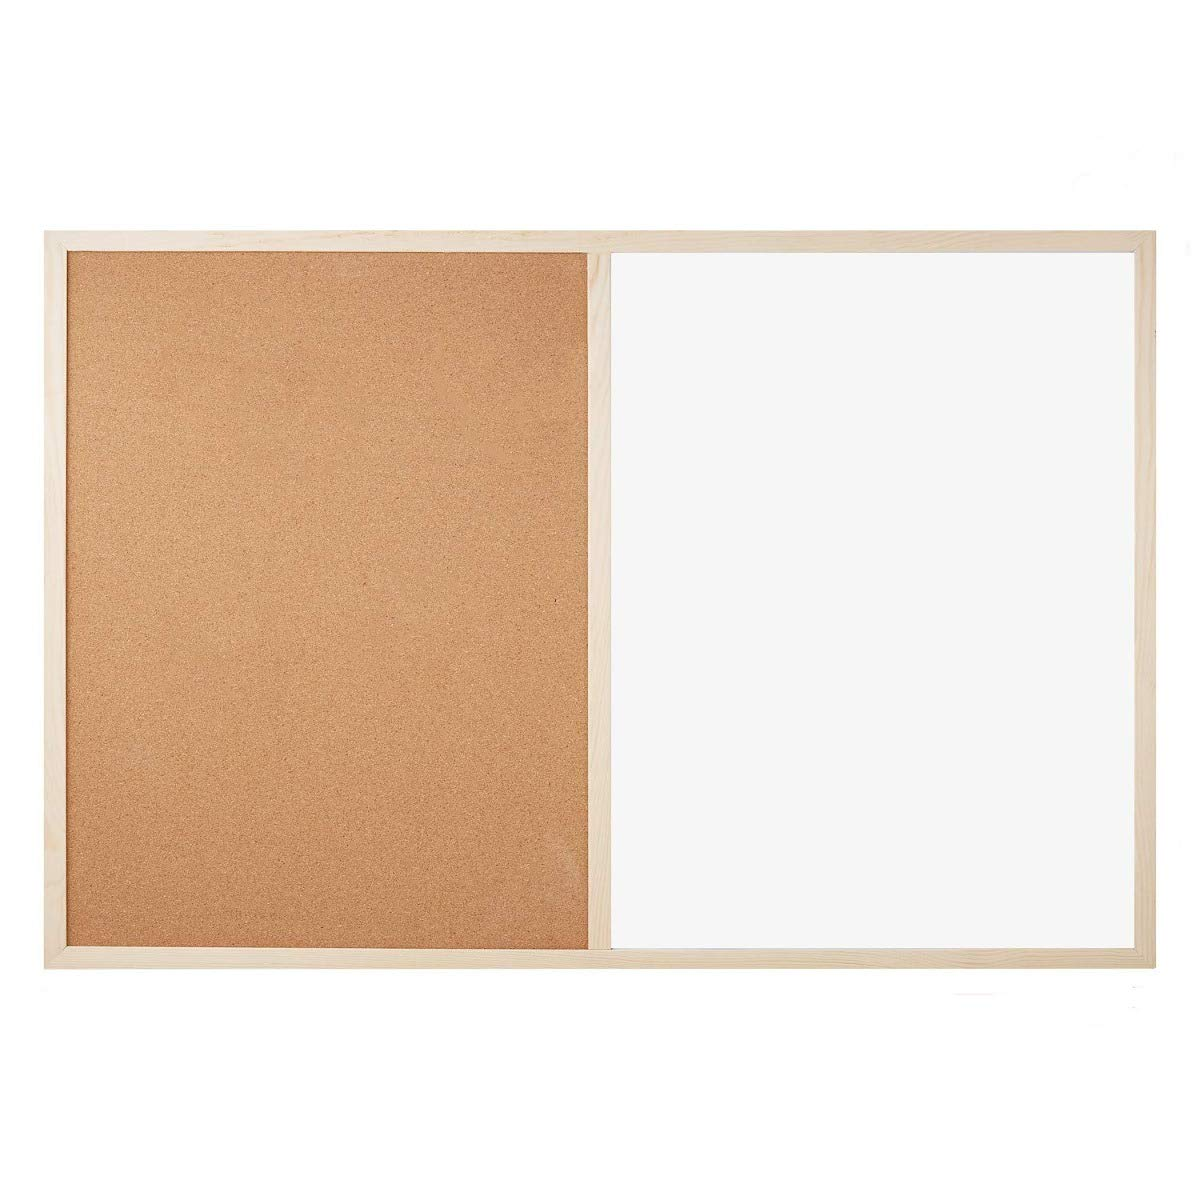 ofituria/® lavagna combinata bianca e di sughero laminato A doppio uso da parete con cornice in legno 900X600 CM